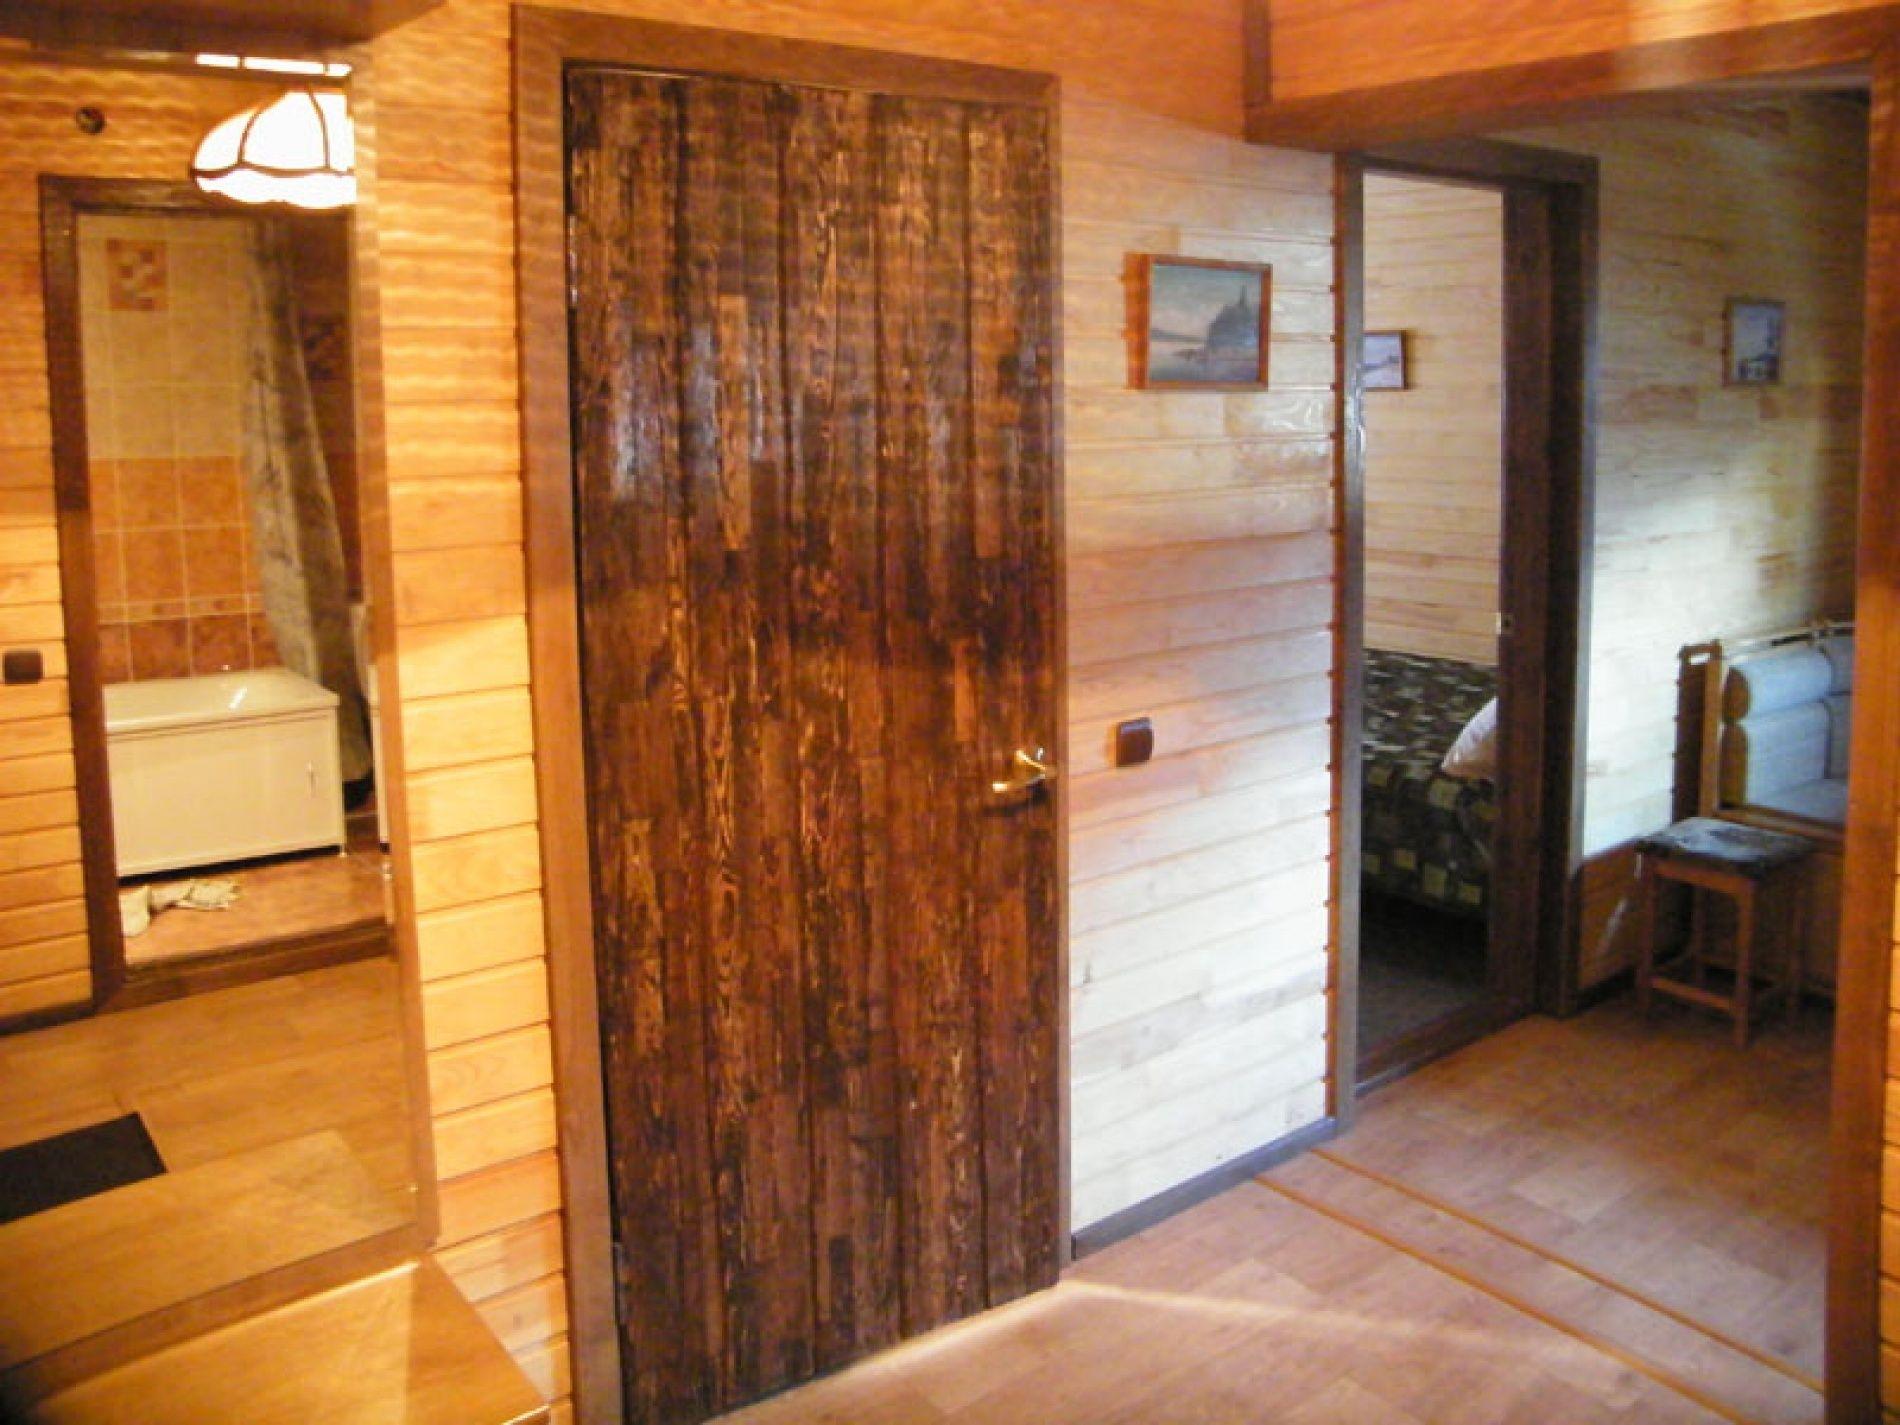 Гостиница «Мельница» Иркутская область Апартаменты, фото 3